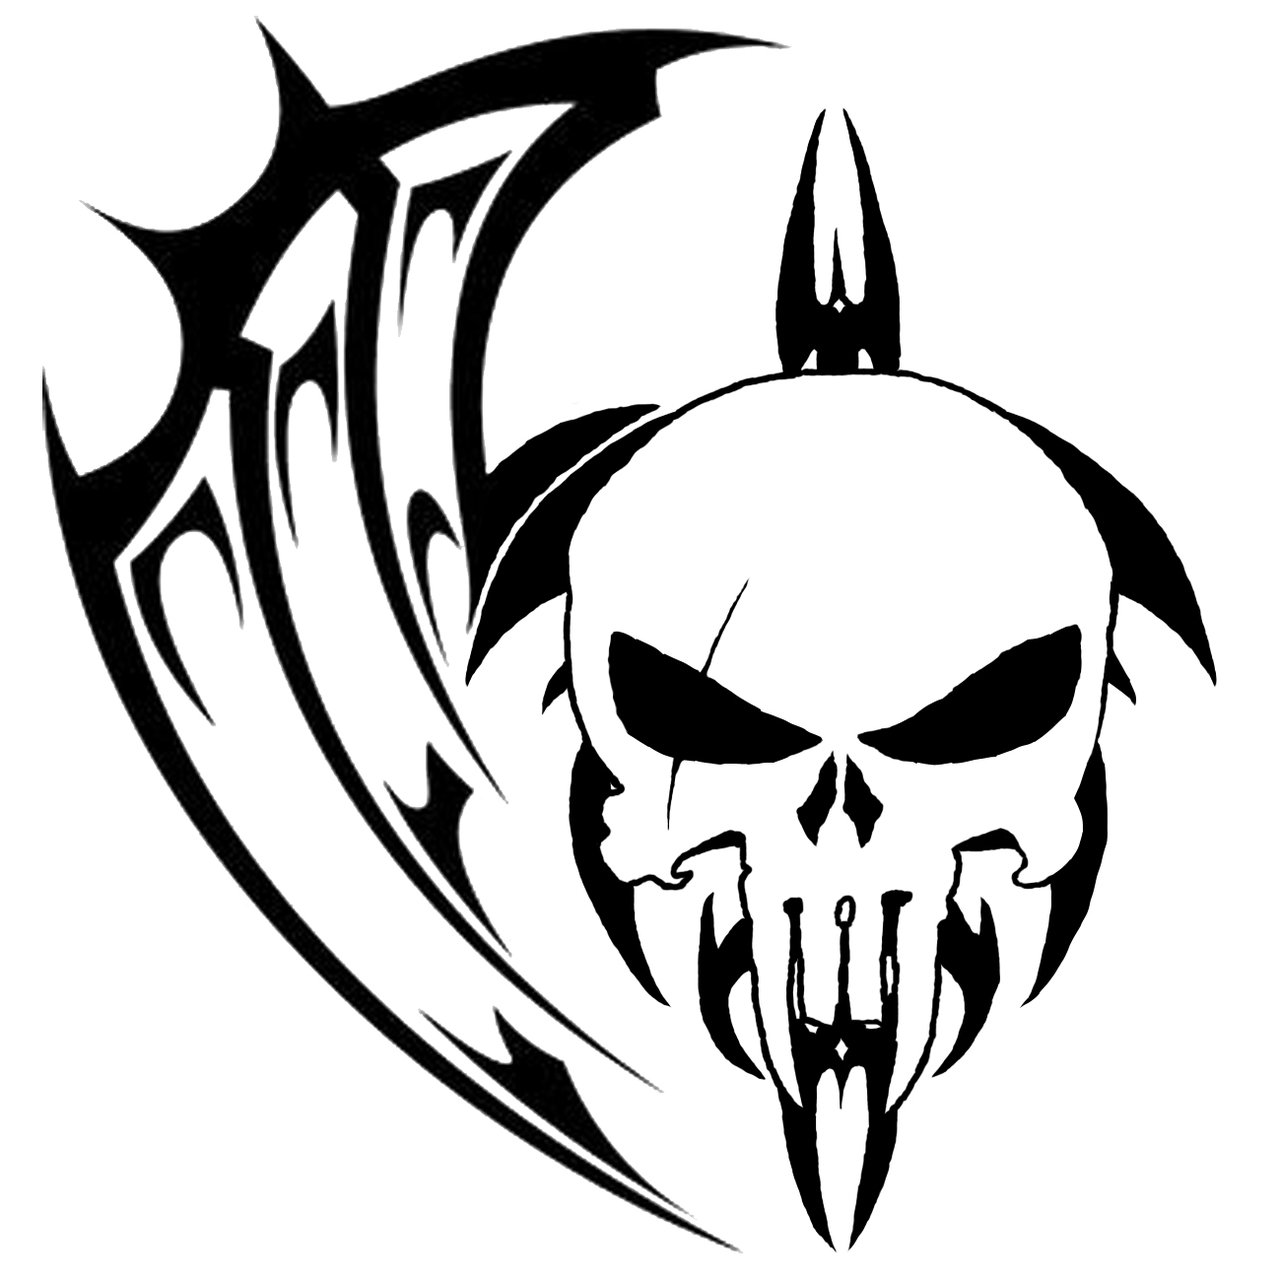 1280x1280 Aztec Tribal Skull Tattoo Designs Solid Tattoo Designs Tattoos